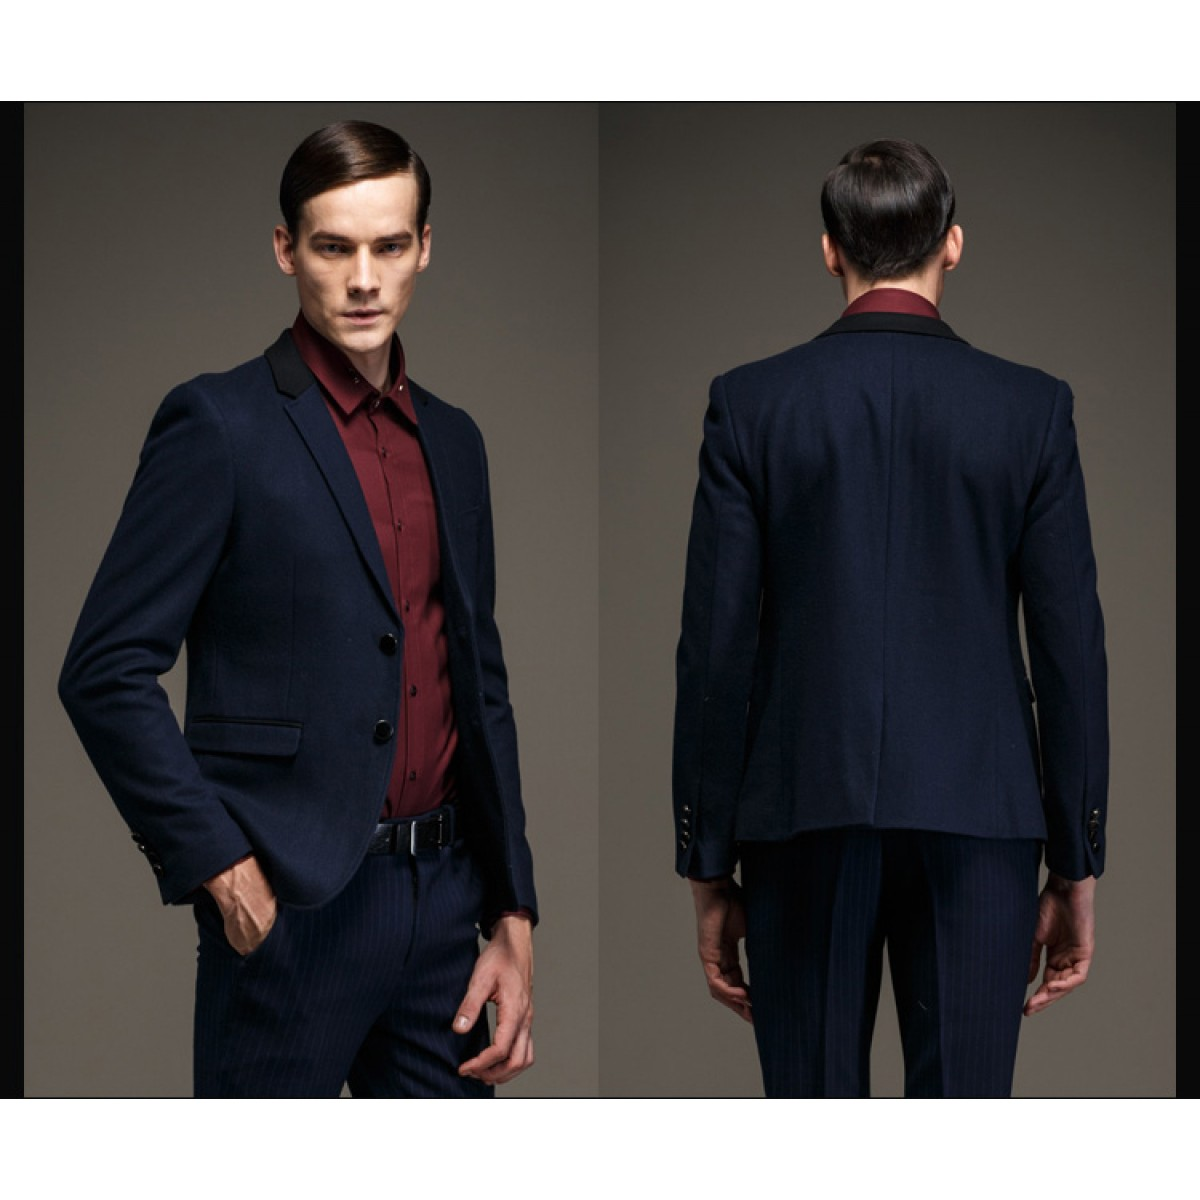 bas prix fournir beaucoup de design intemporel Chemise homme pour costume noir - fermeleycaut.fr